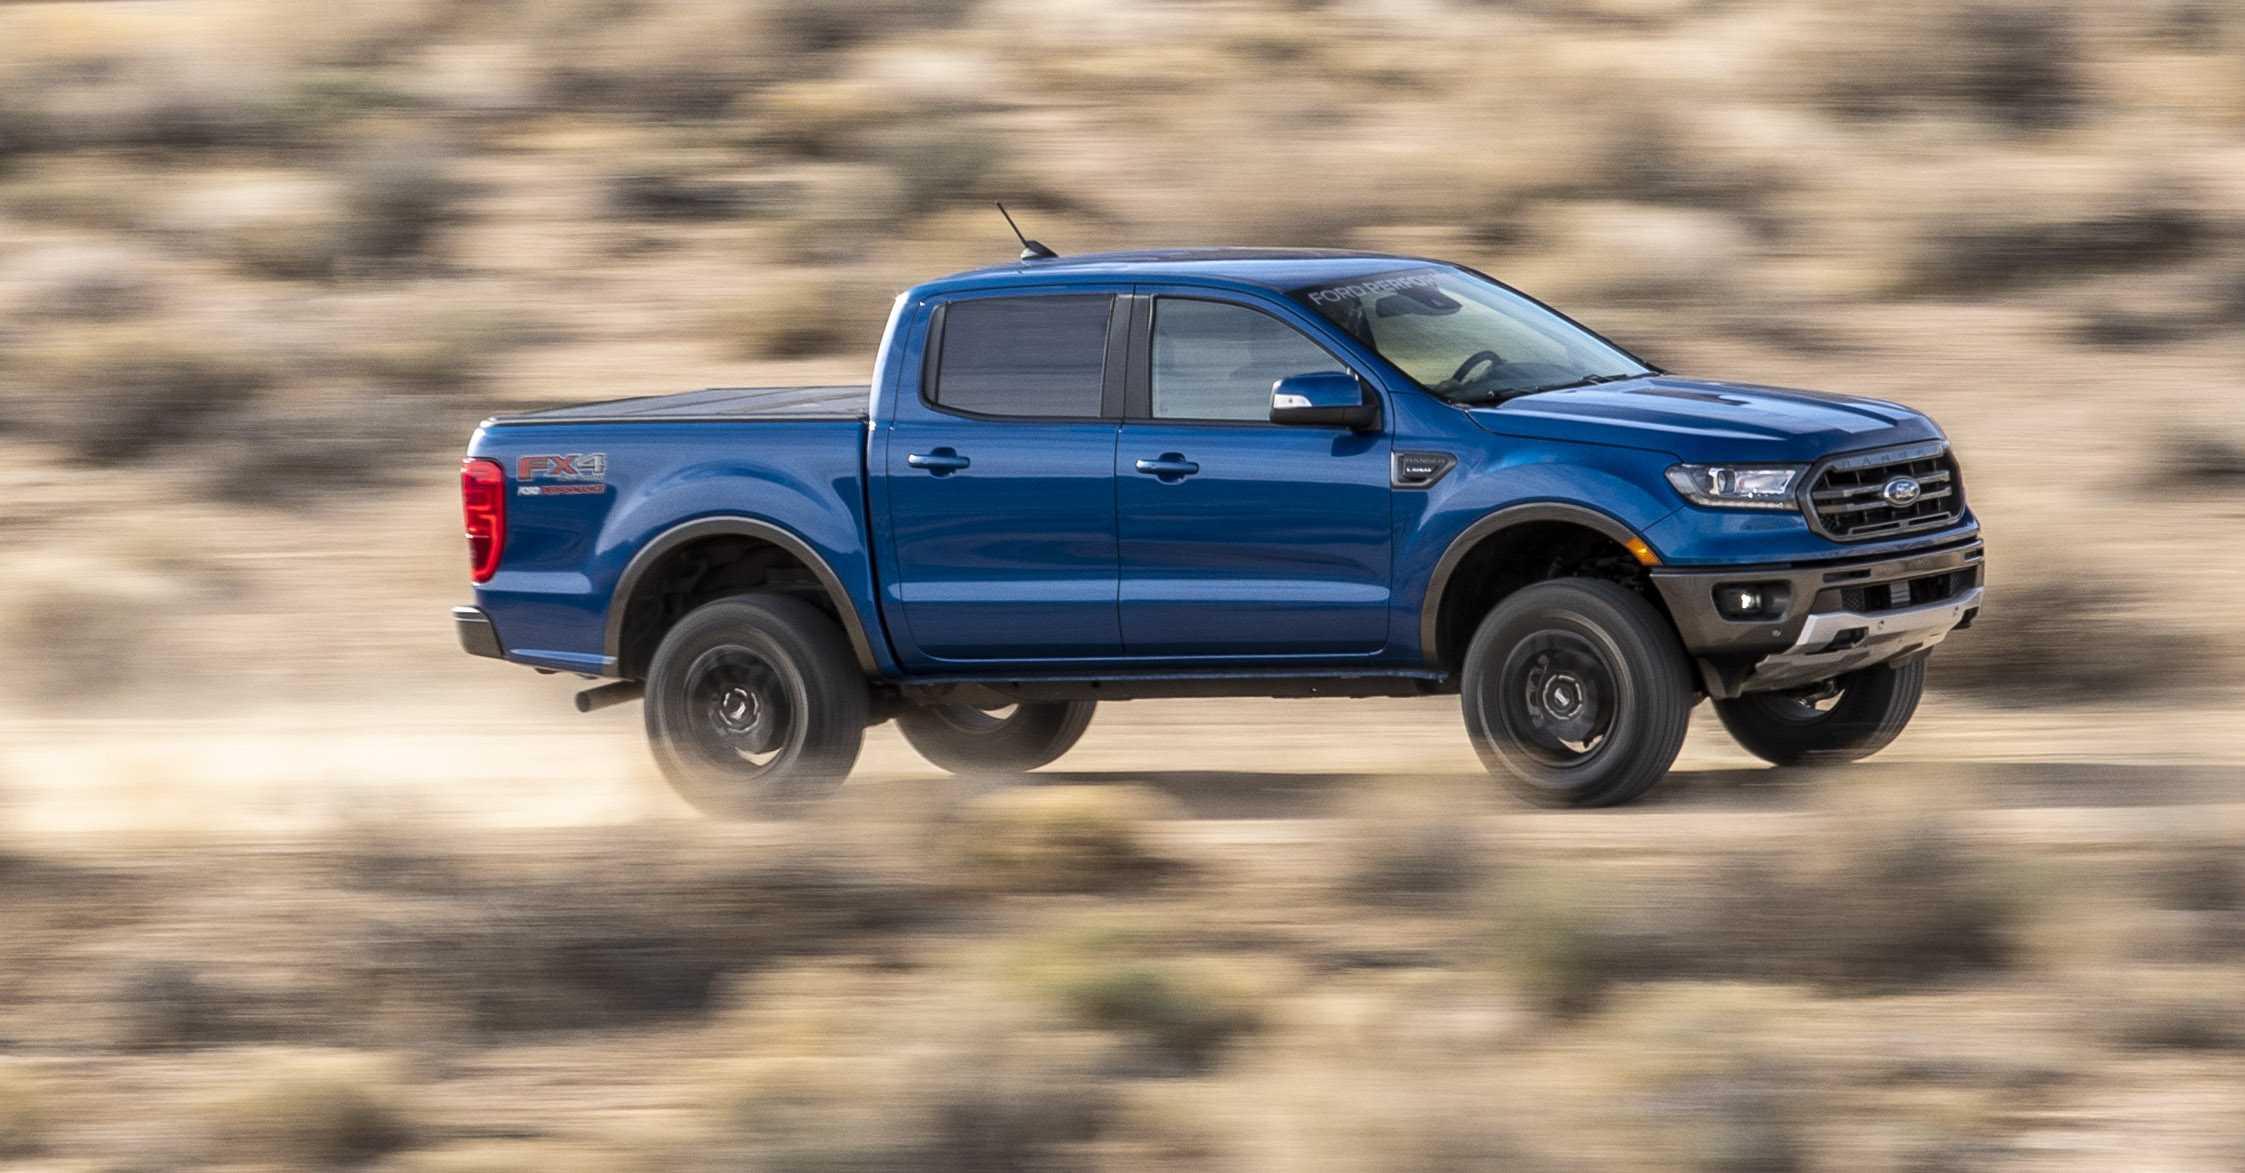 Le Ford Ranger, Mustang et Super Duty, champions de la qualité initiale